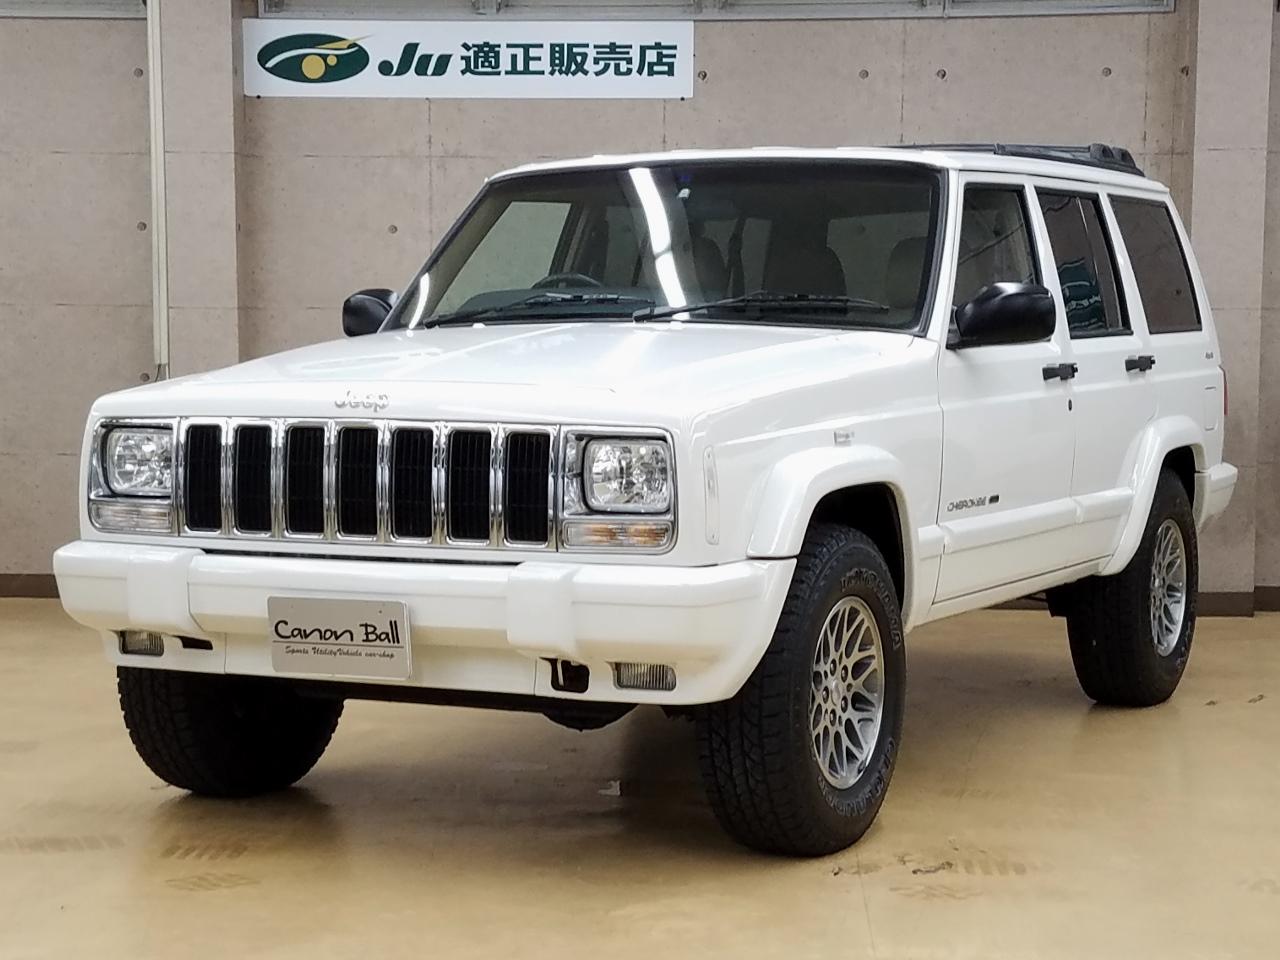 LTD ベージュ本革シート&ウッドインテリア 【2000年登録車】 のイメージ画像です